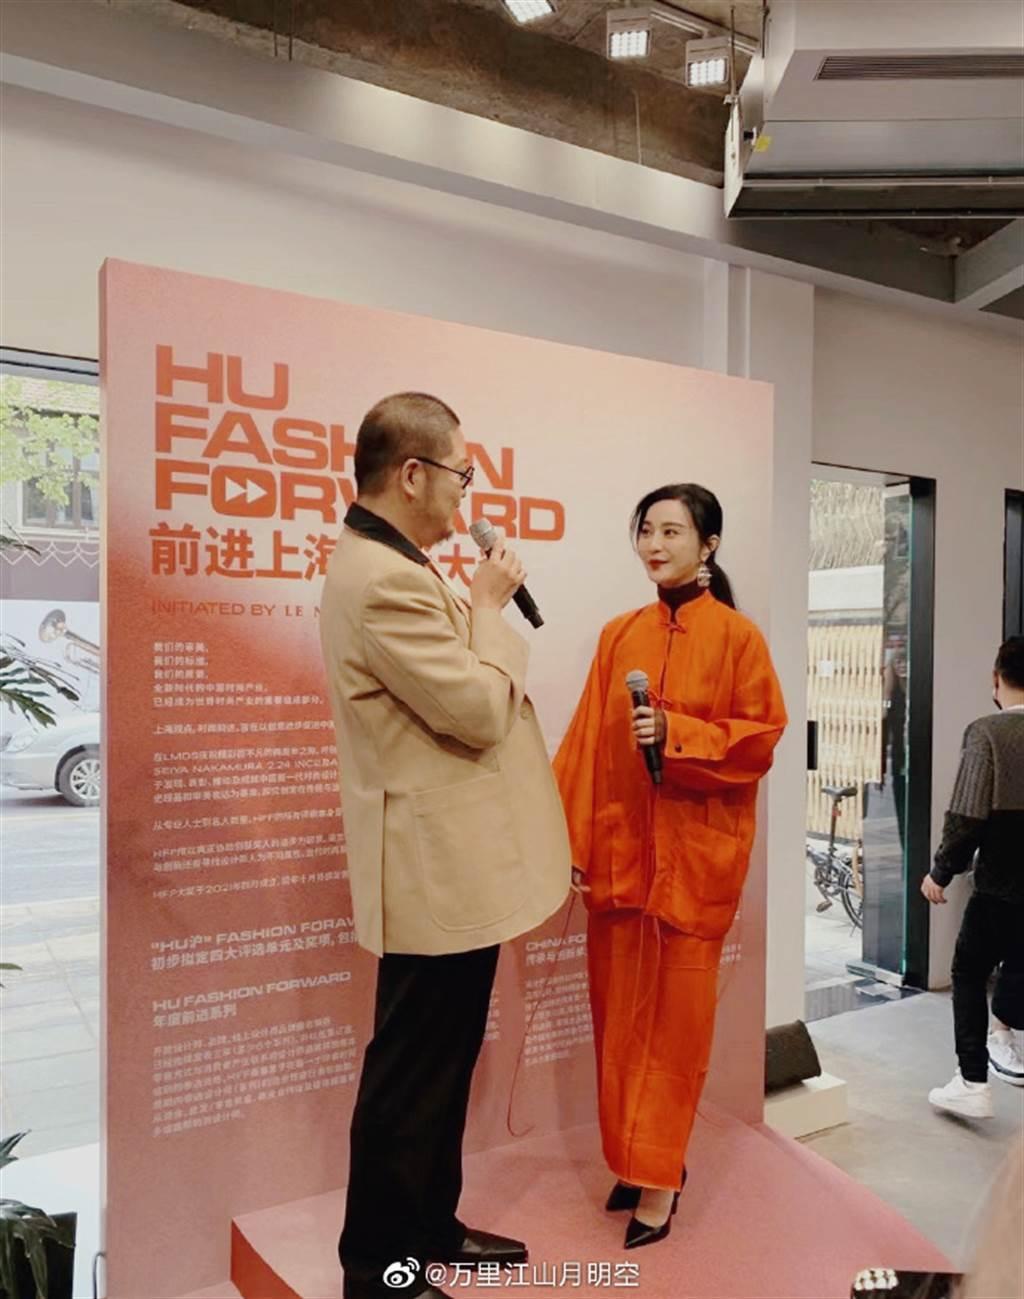 范冰冰(右)出席時尚活動,發皺服裝不如過去時尚華麗,引發討論。圖/摘自微博